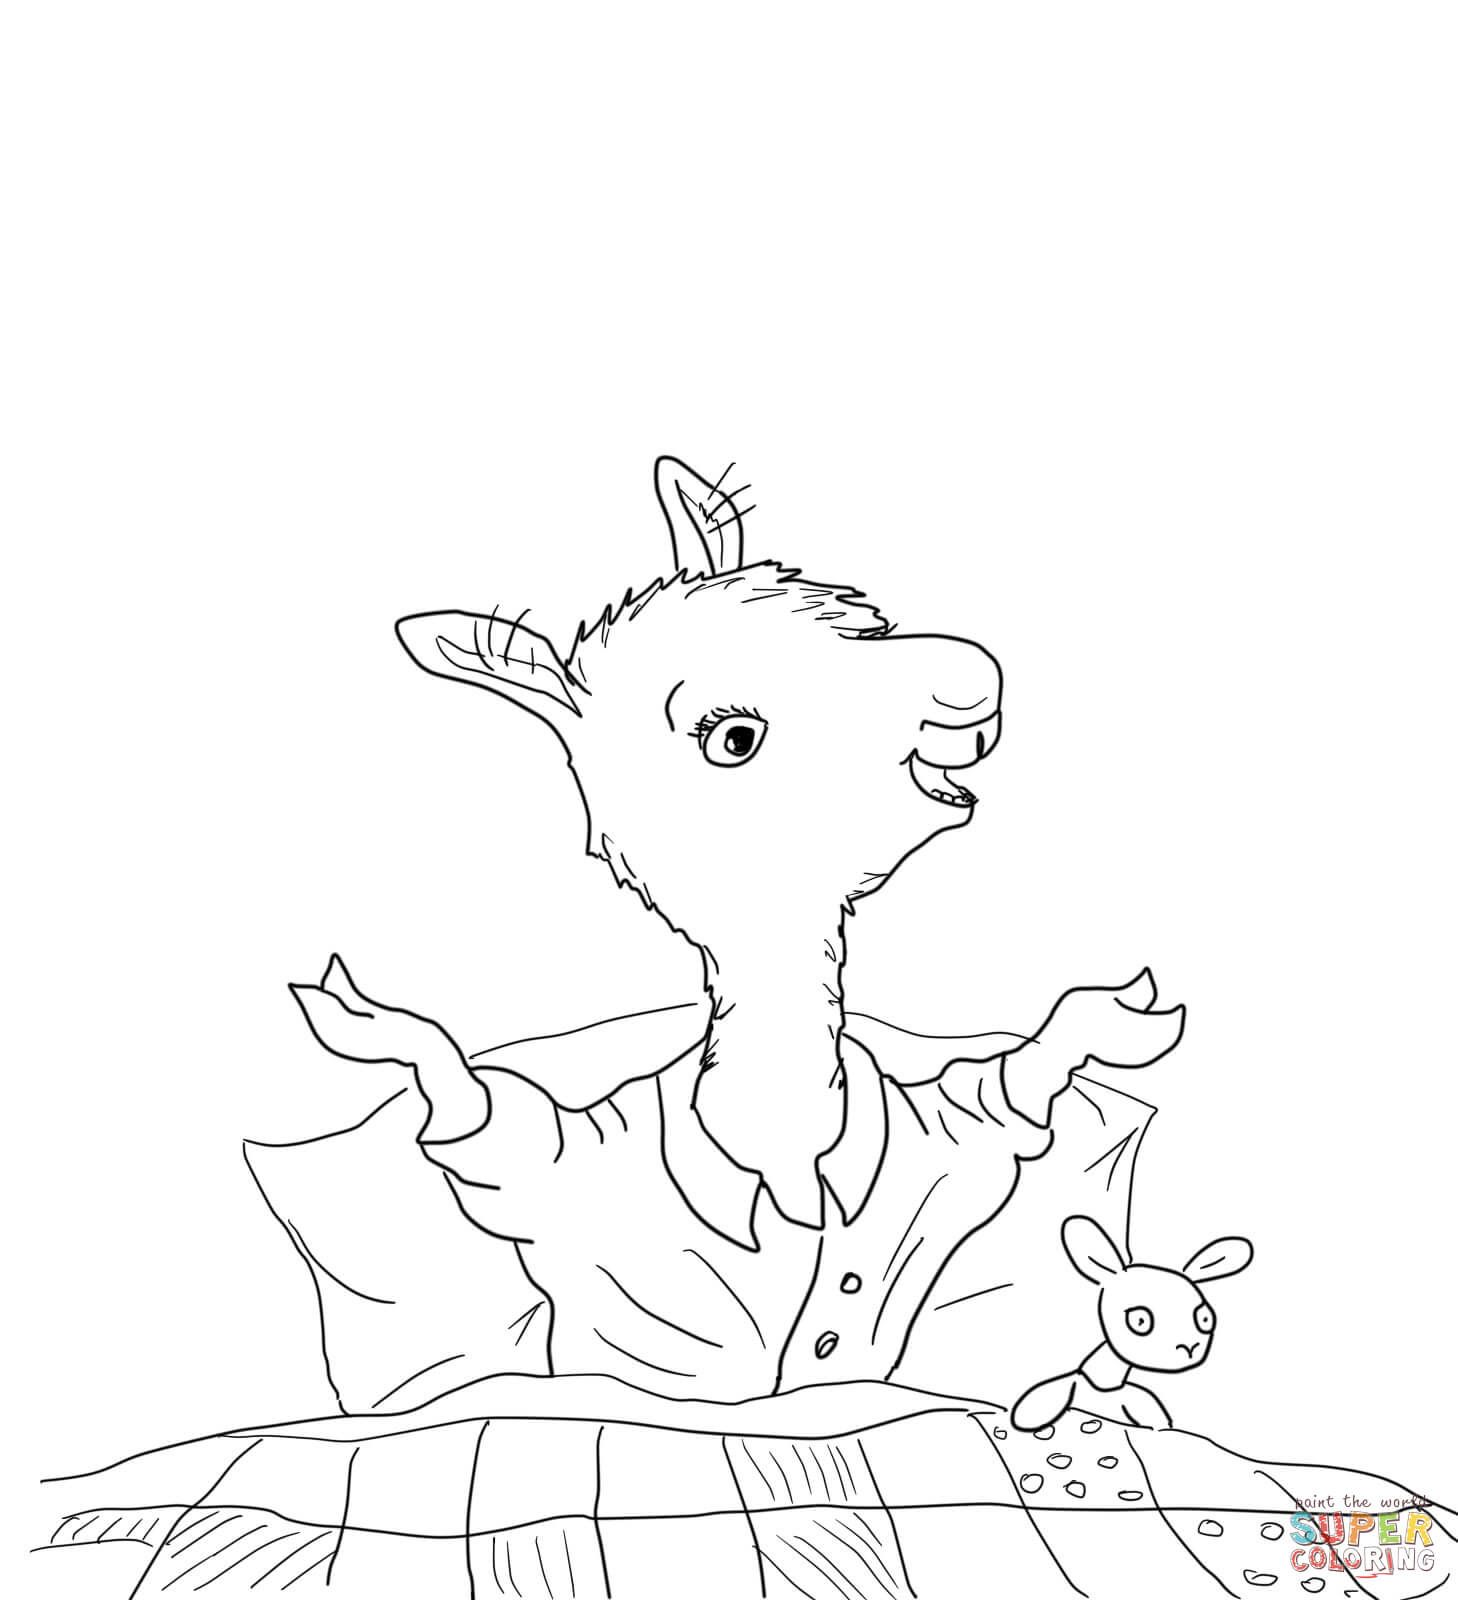 Llama Llama Home With Mama Coloring Page From Llama Llama